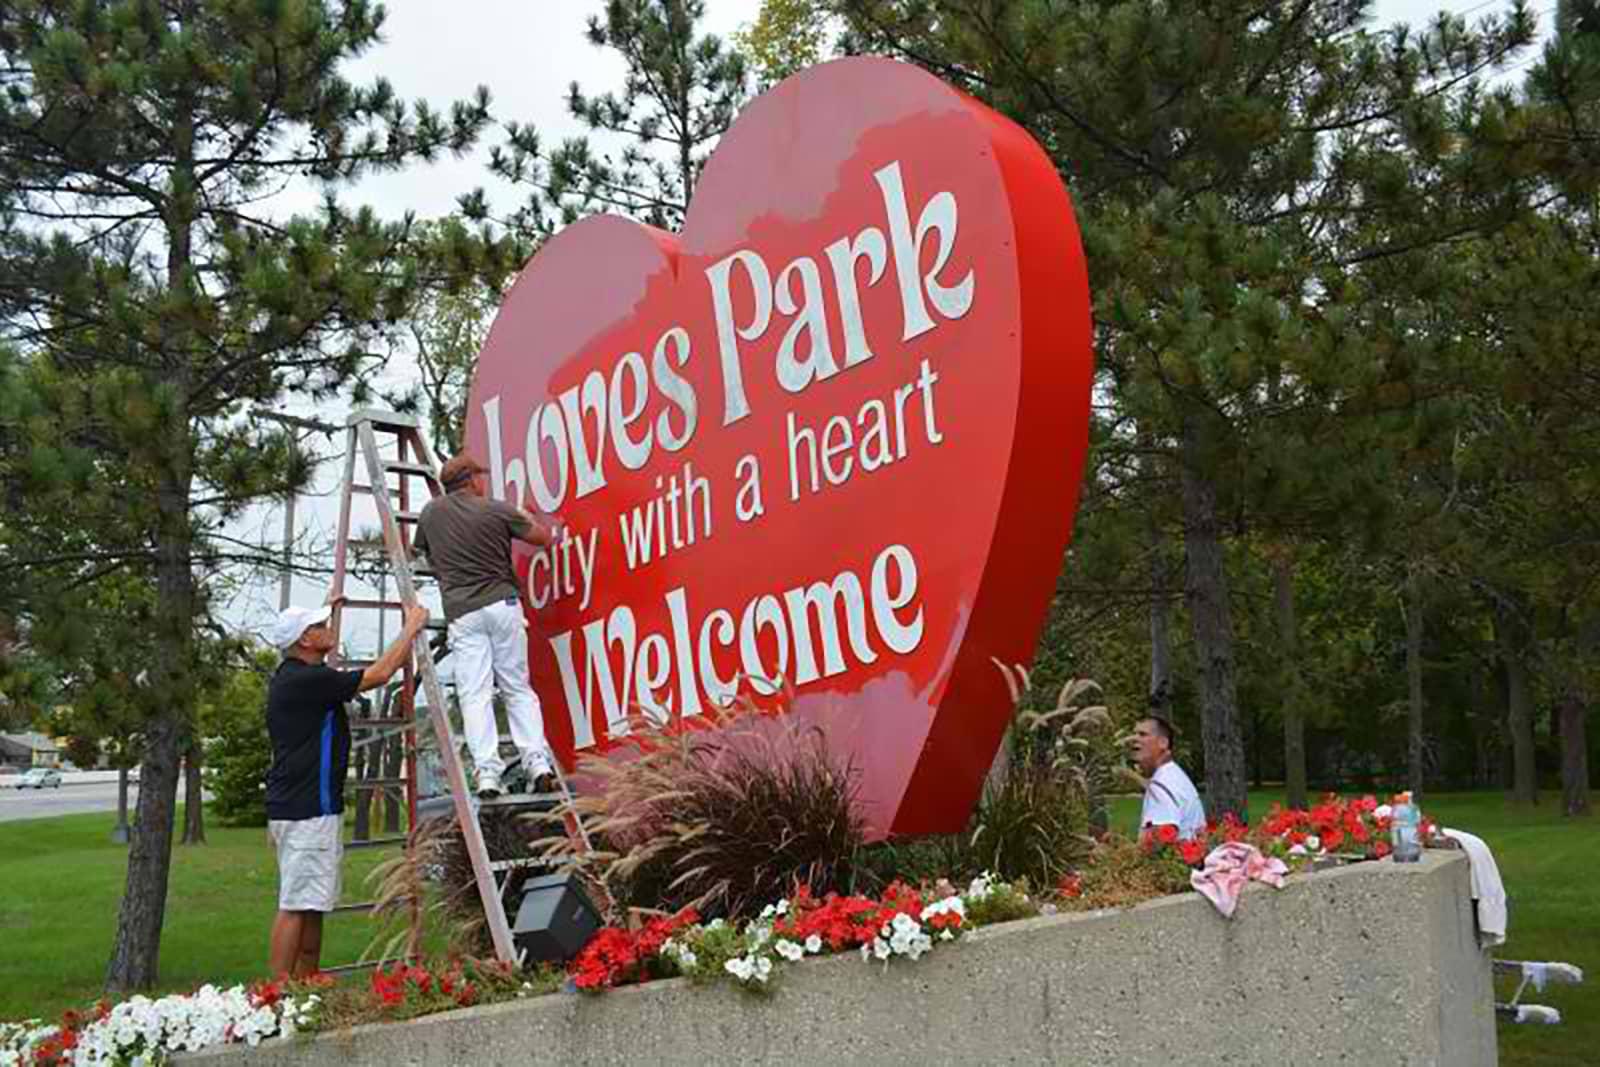 Loves Park, Illinois